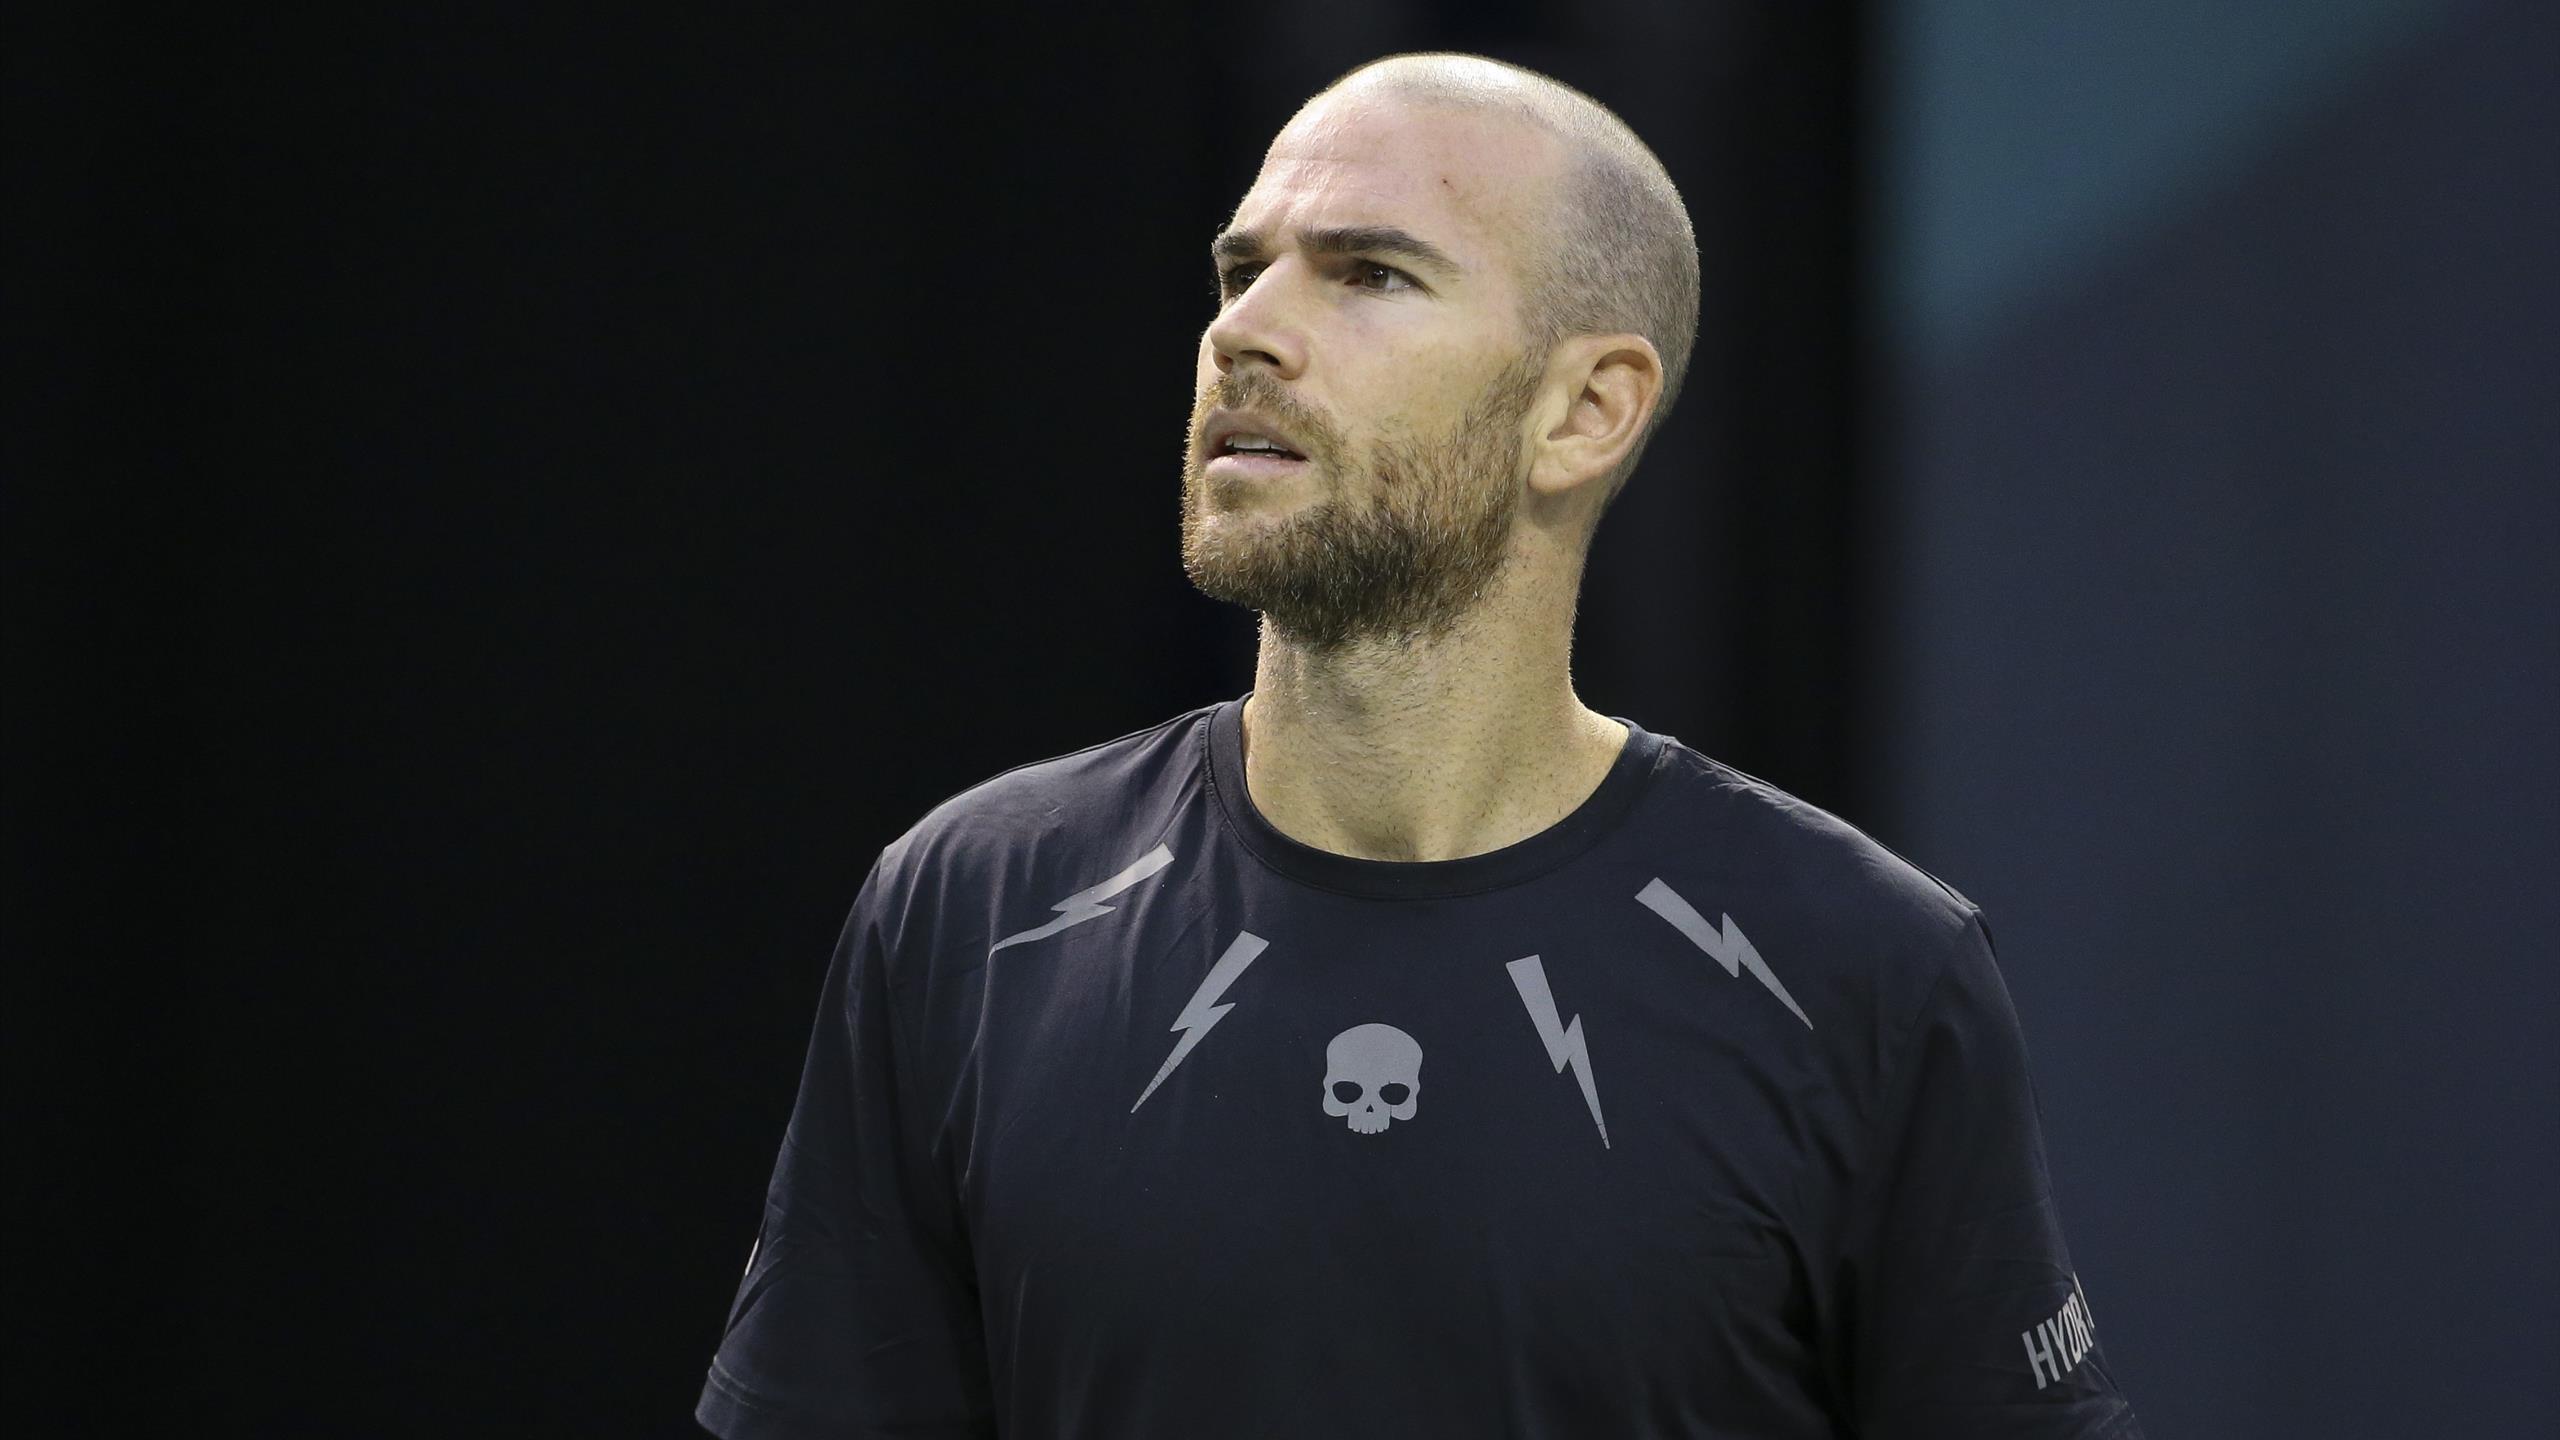 <b>ATP</b> Barcelone : Ramos Vinolas élimine Mannarino (6-4, 6-4) au 2e tour